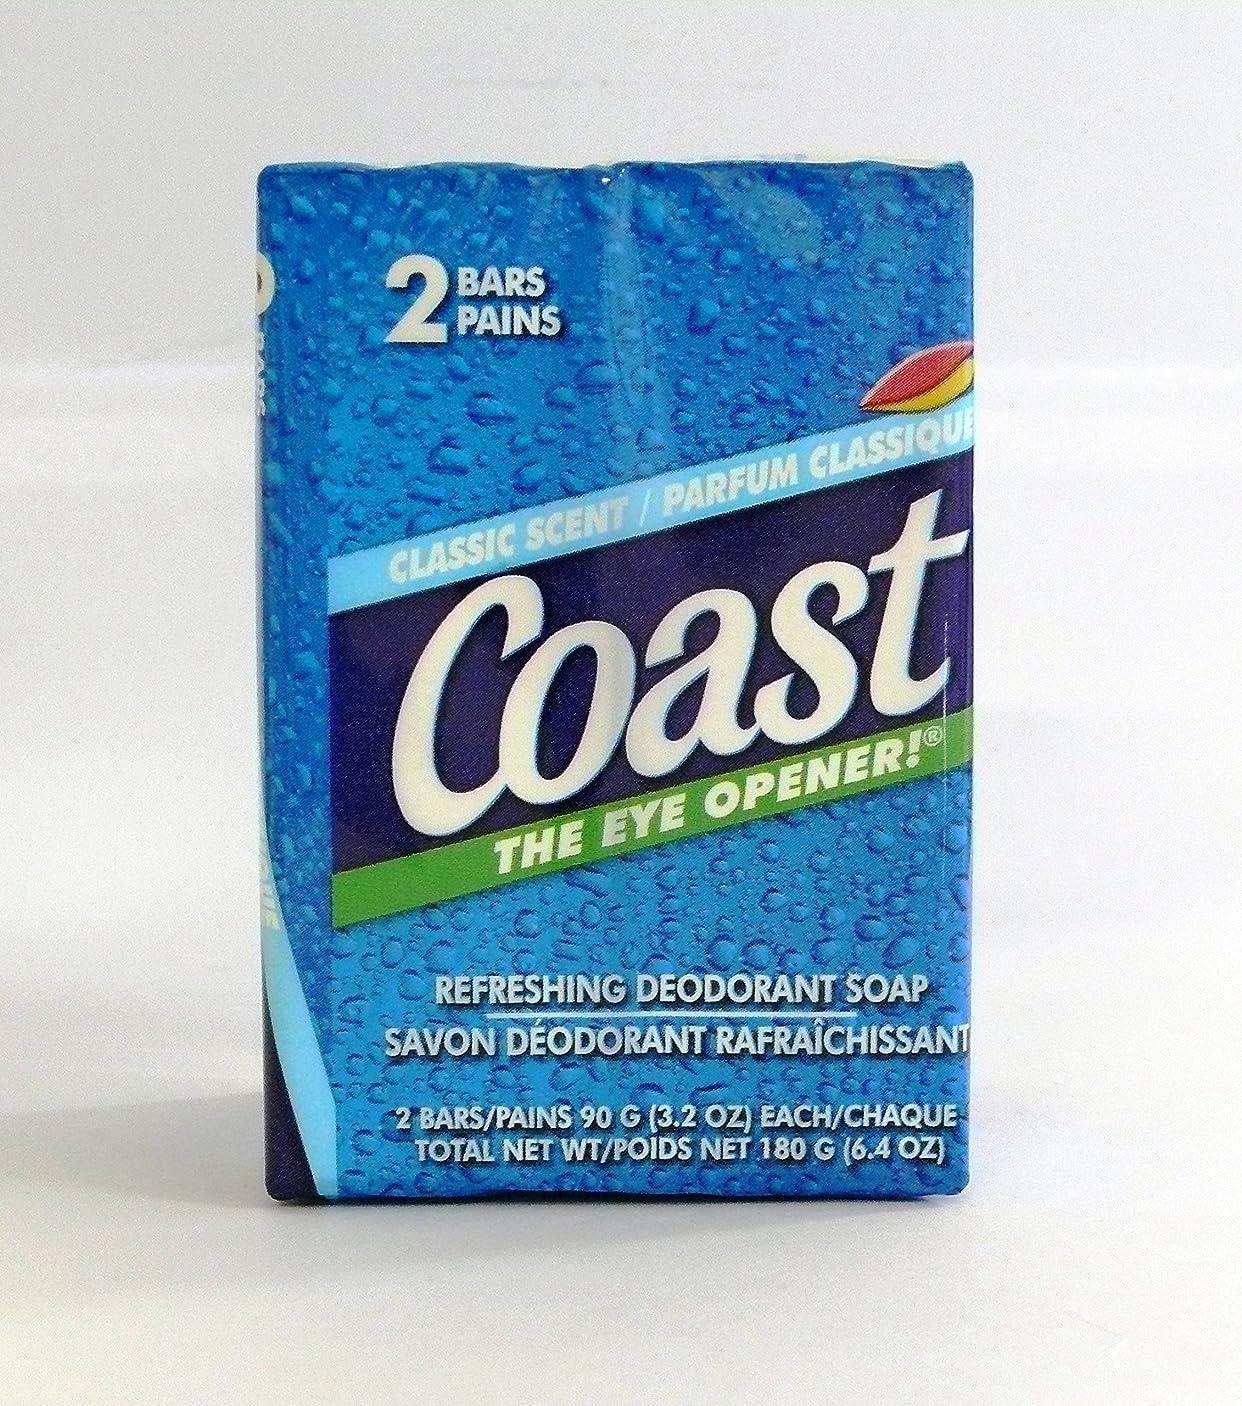 俳優ベッツィトロットウッド訴えるコースト 固形石鹸 クラシックセント 90g 2個入